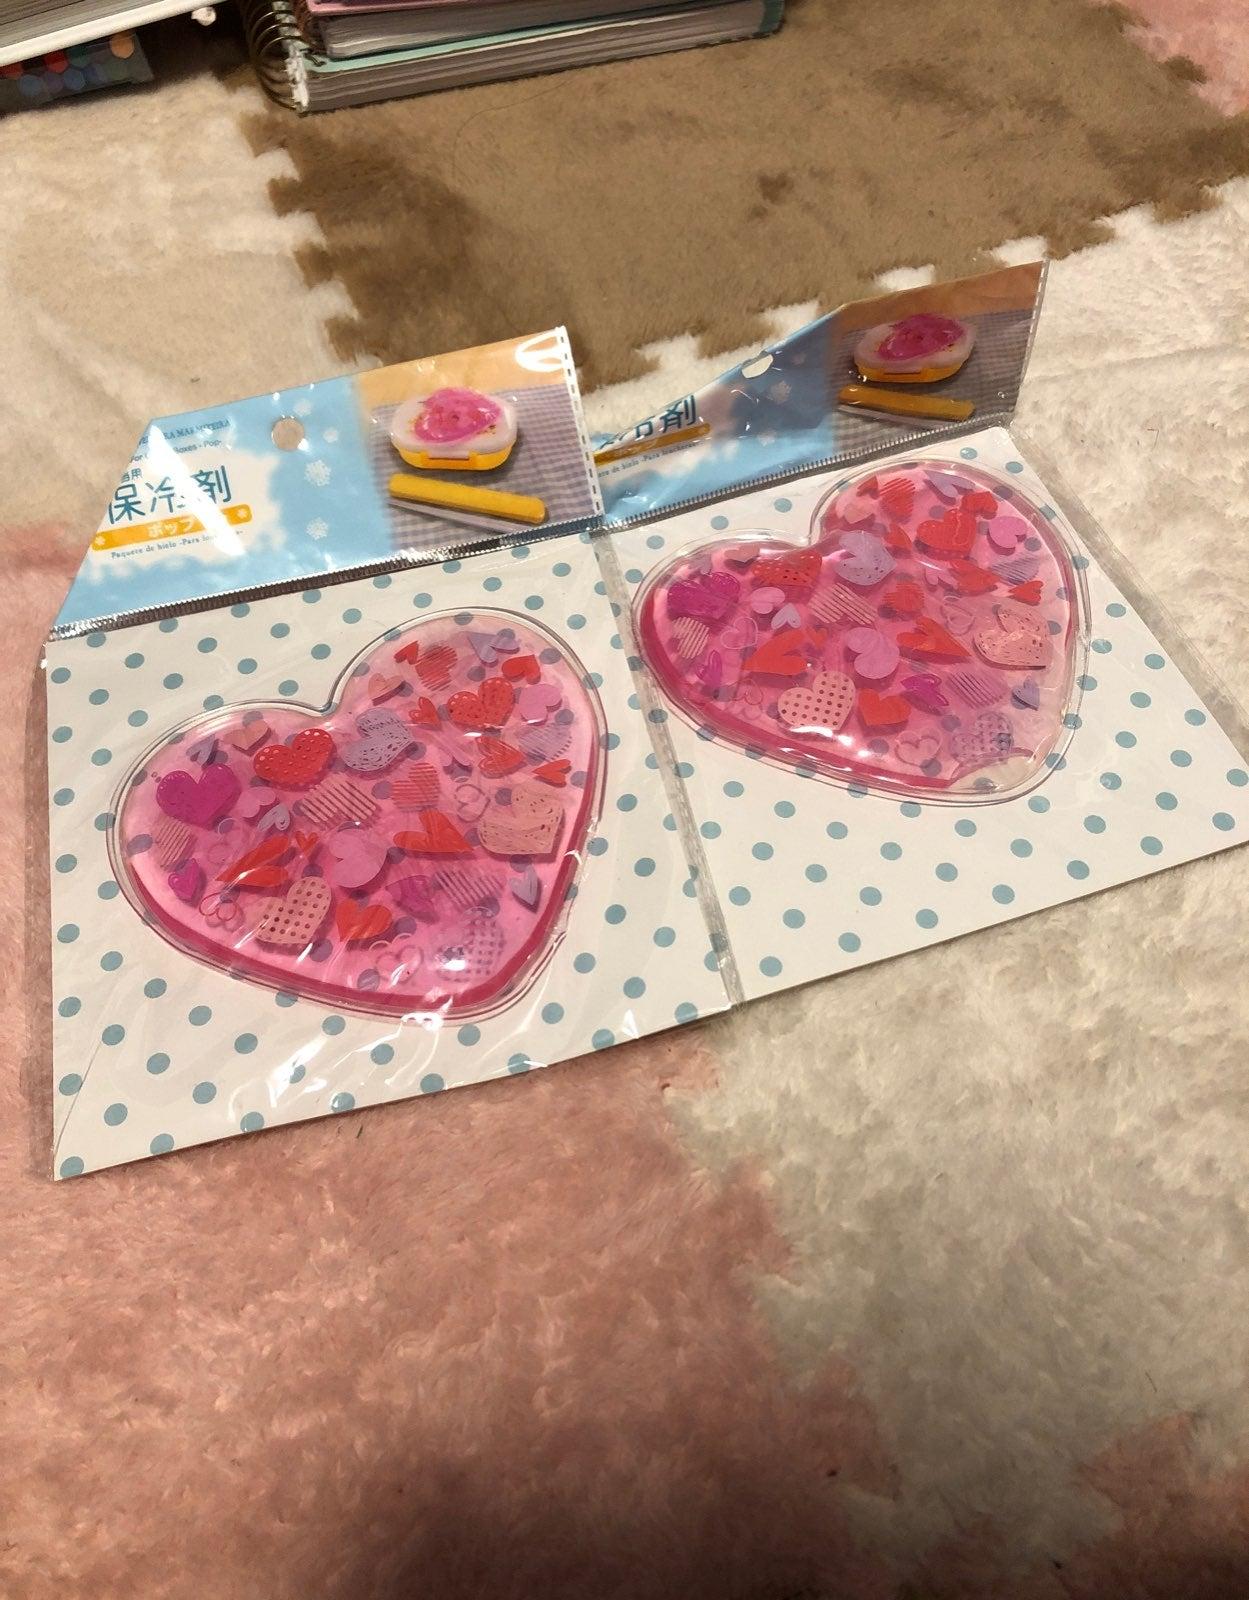 Two heart shape gel ice packs